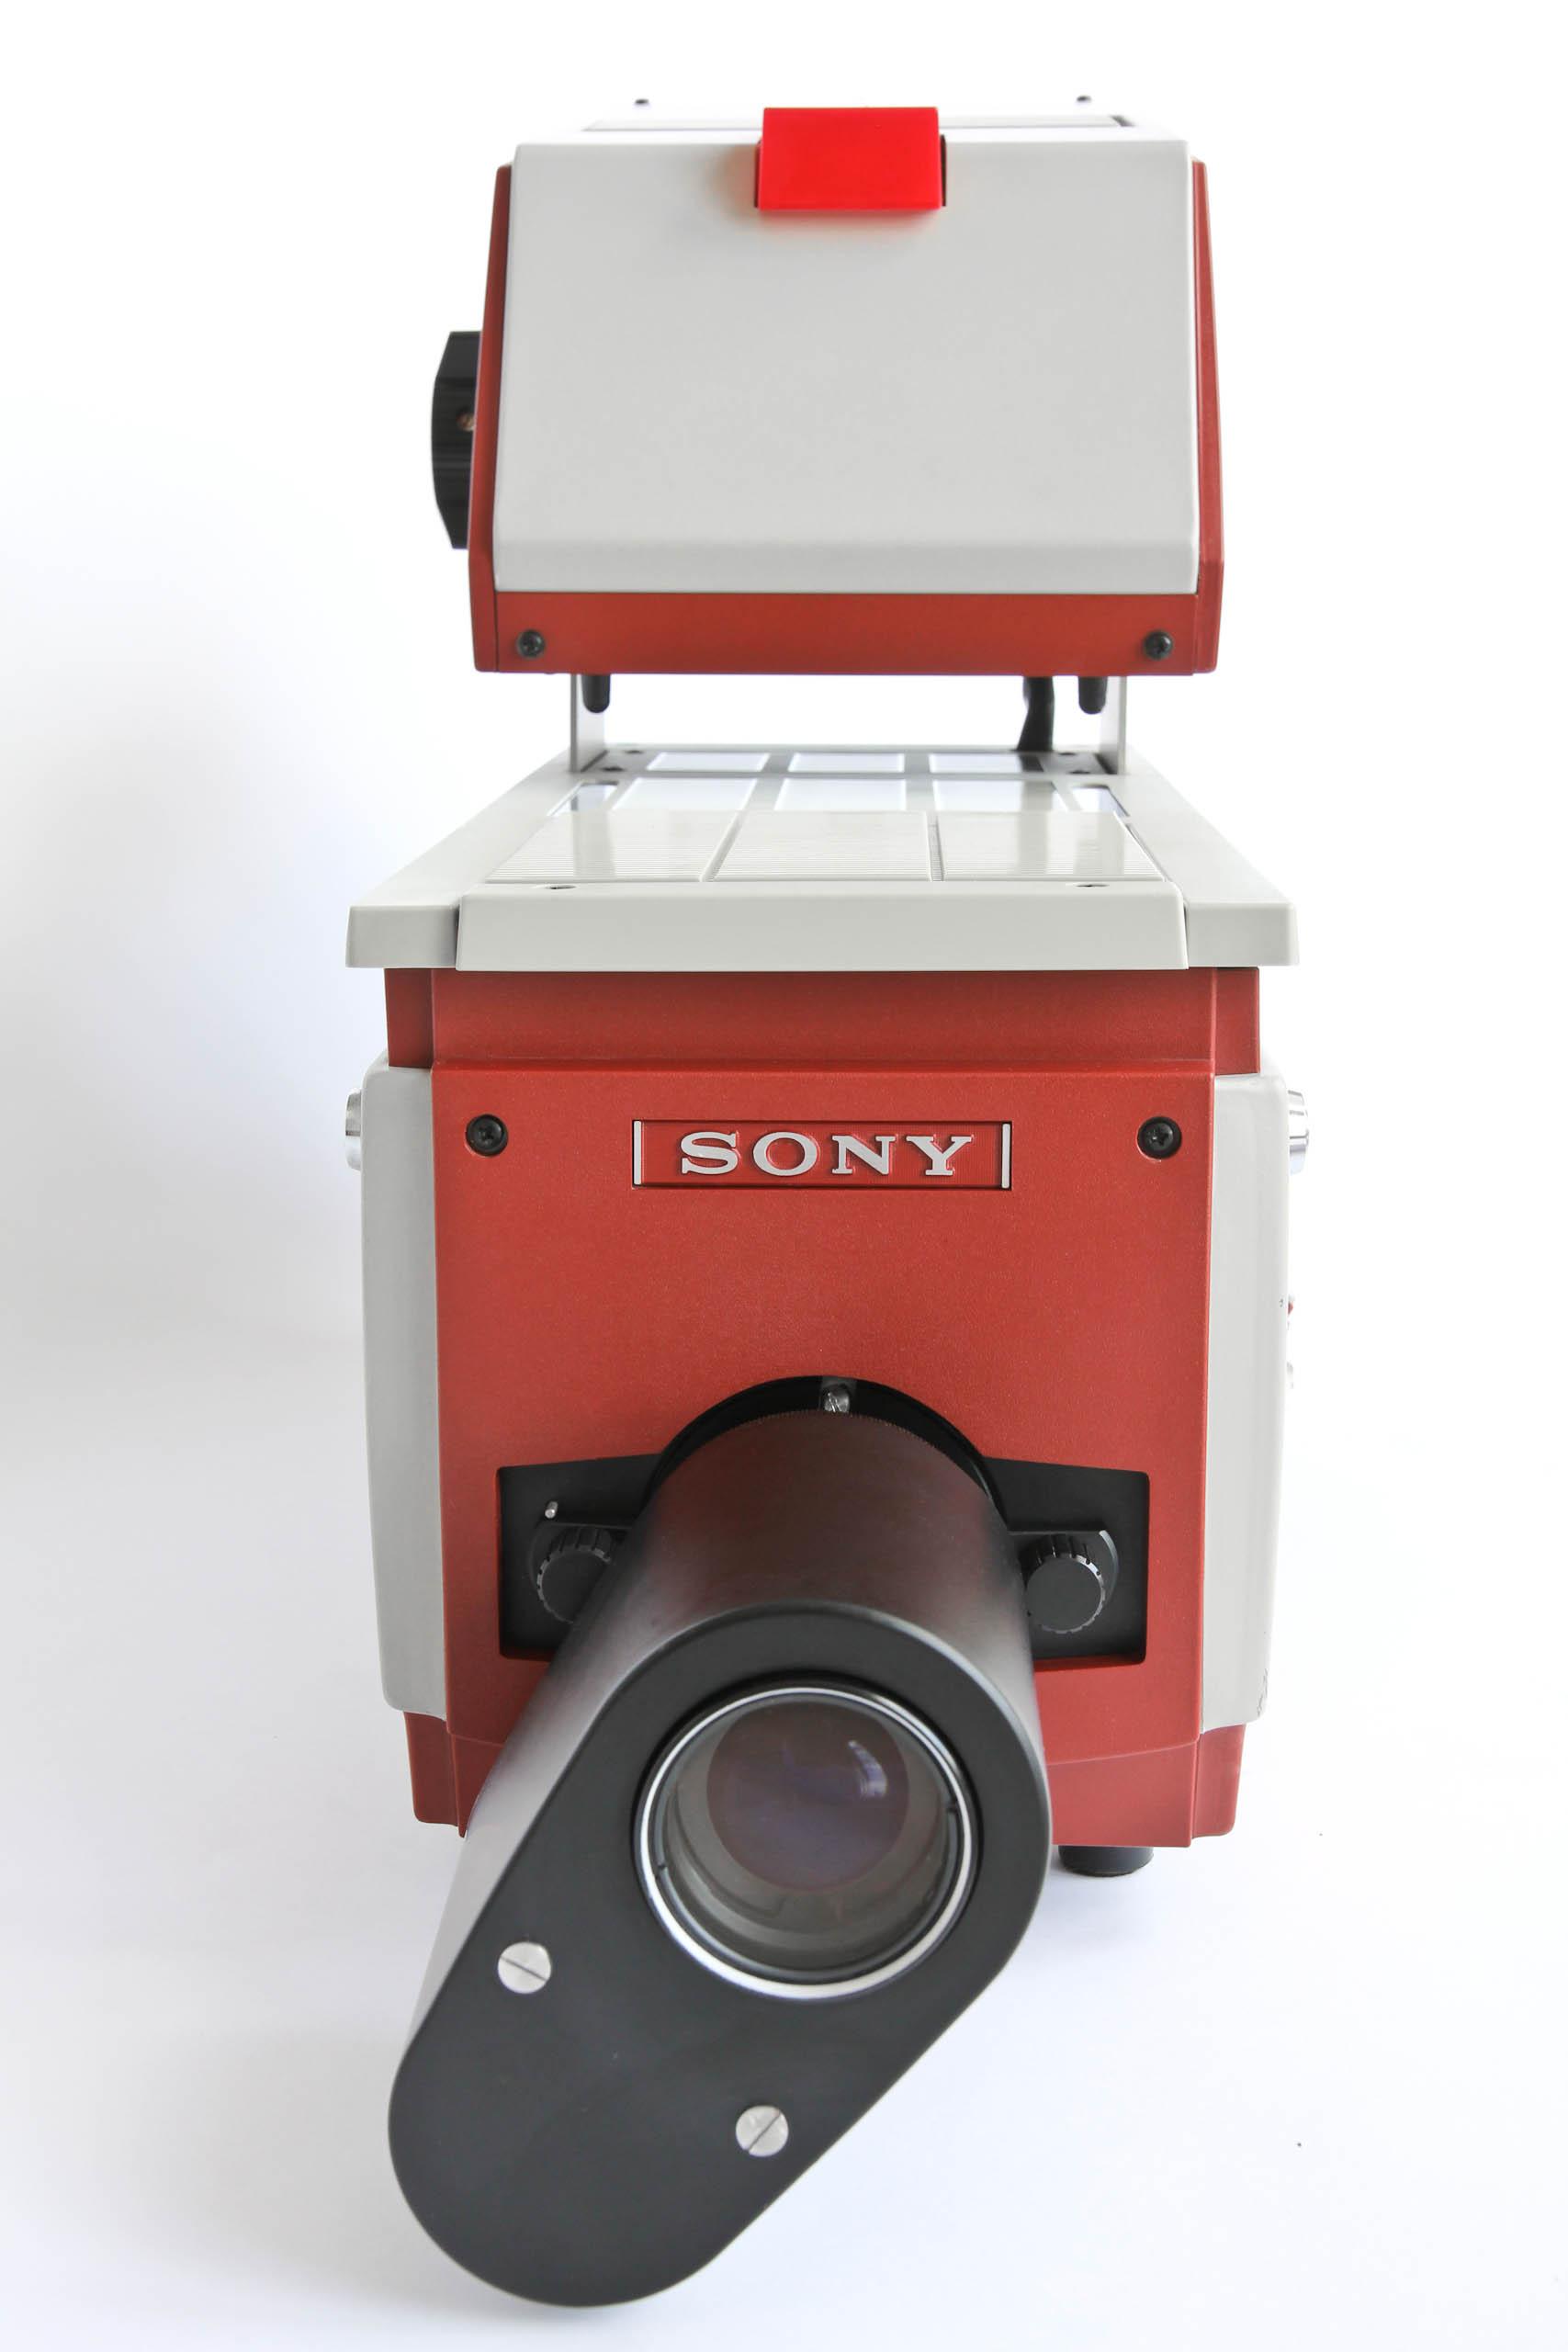 Sony DXC-1200P (13 von 14)